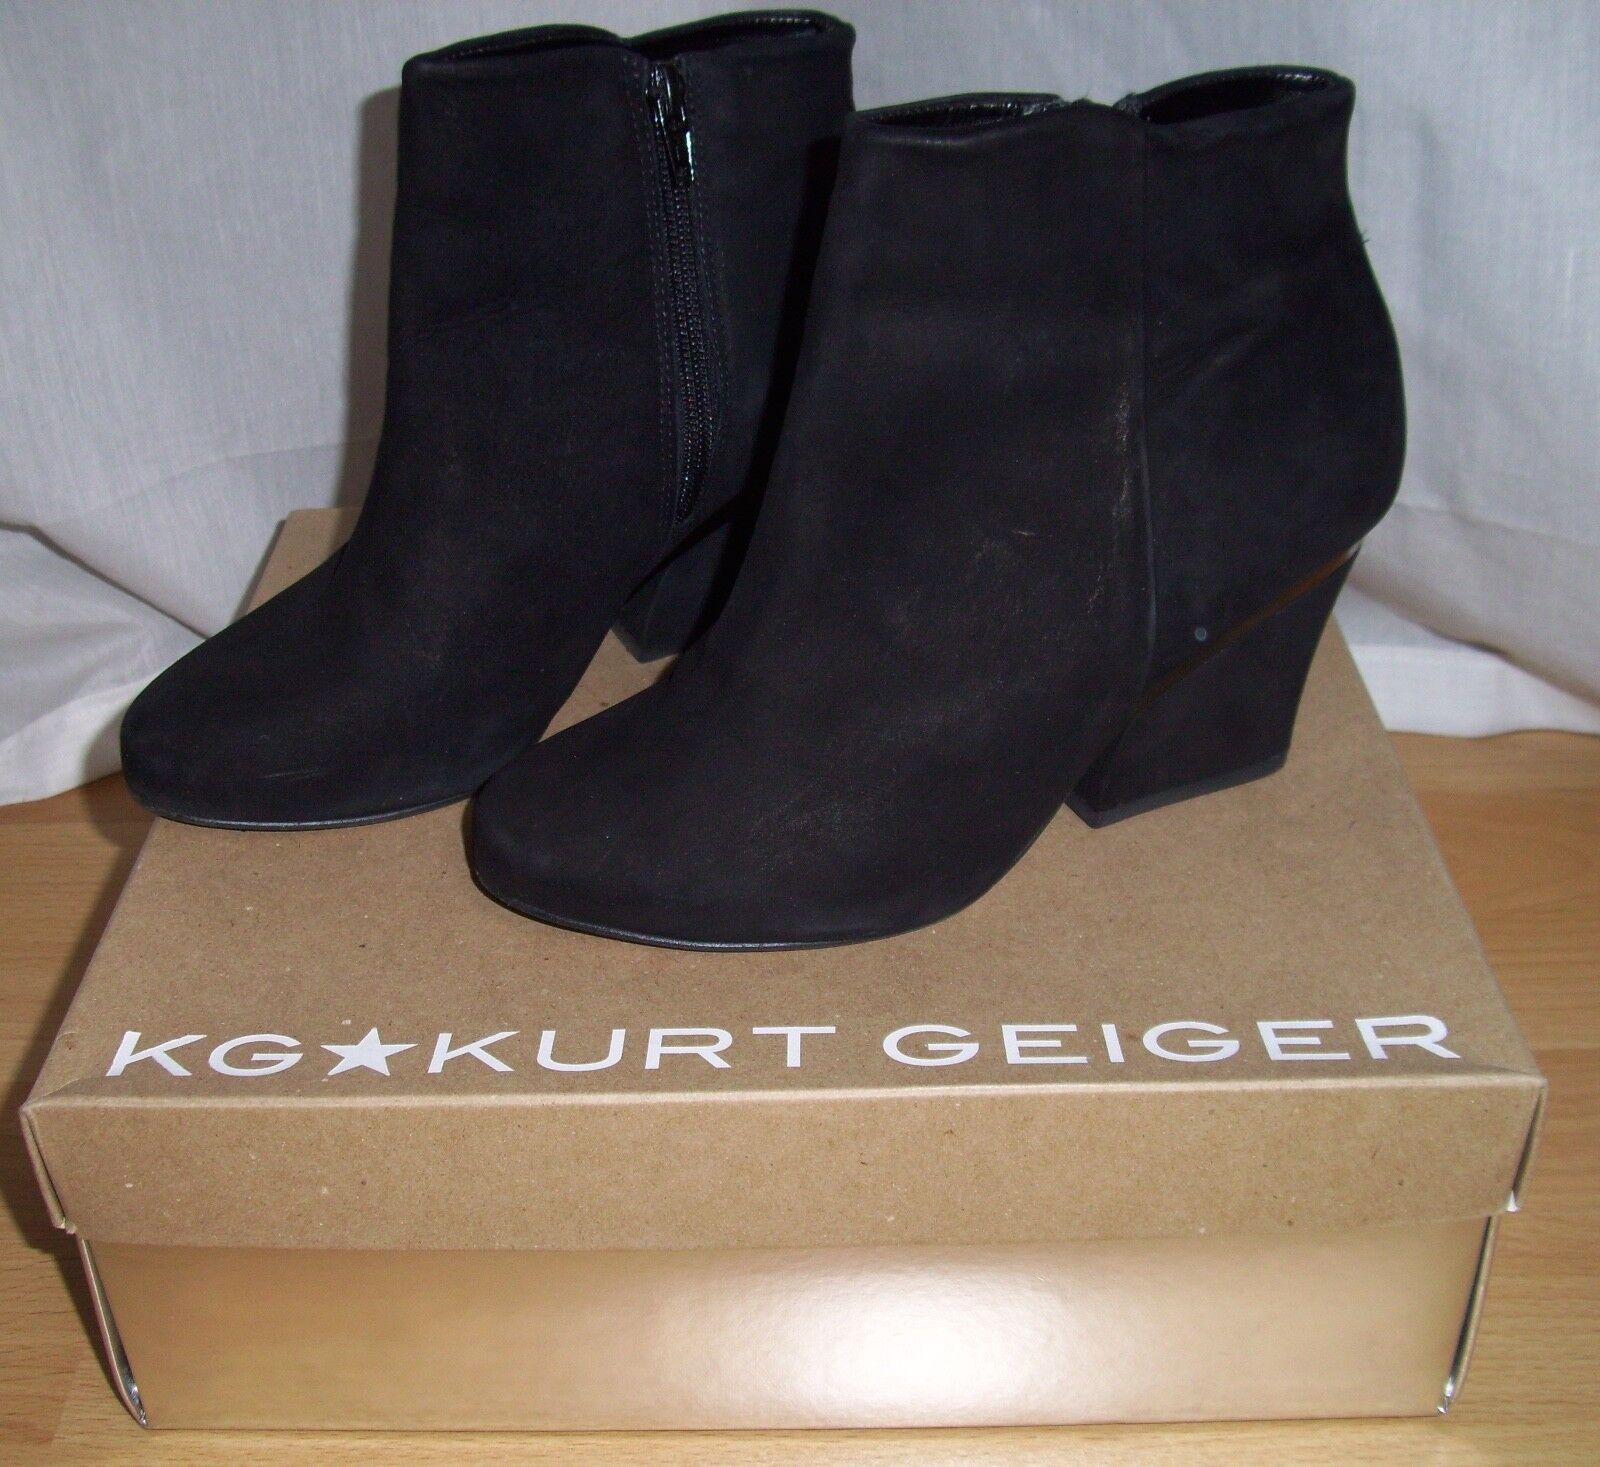 migliore qualità Splendida Kurt Geiger Tronchetti-stivali Whisper 37 37 37 camoscio M. LA SCATOLA ORIGINALE COME NUOVO  negozio a basso costo